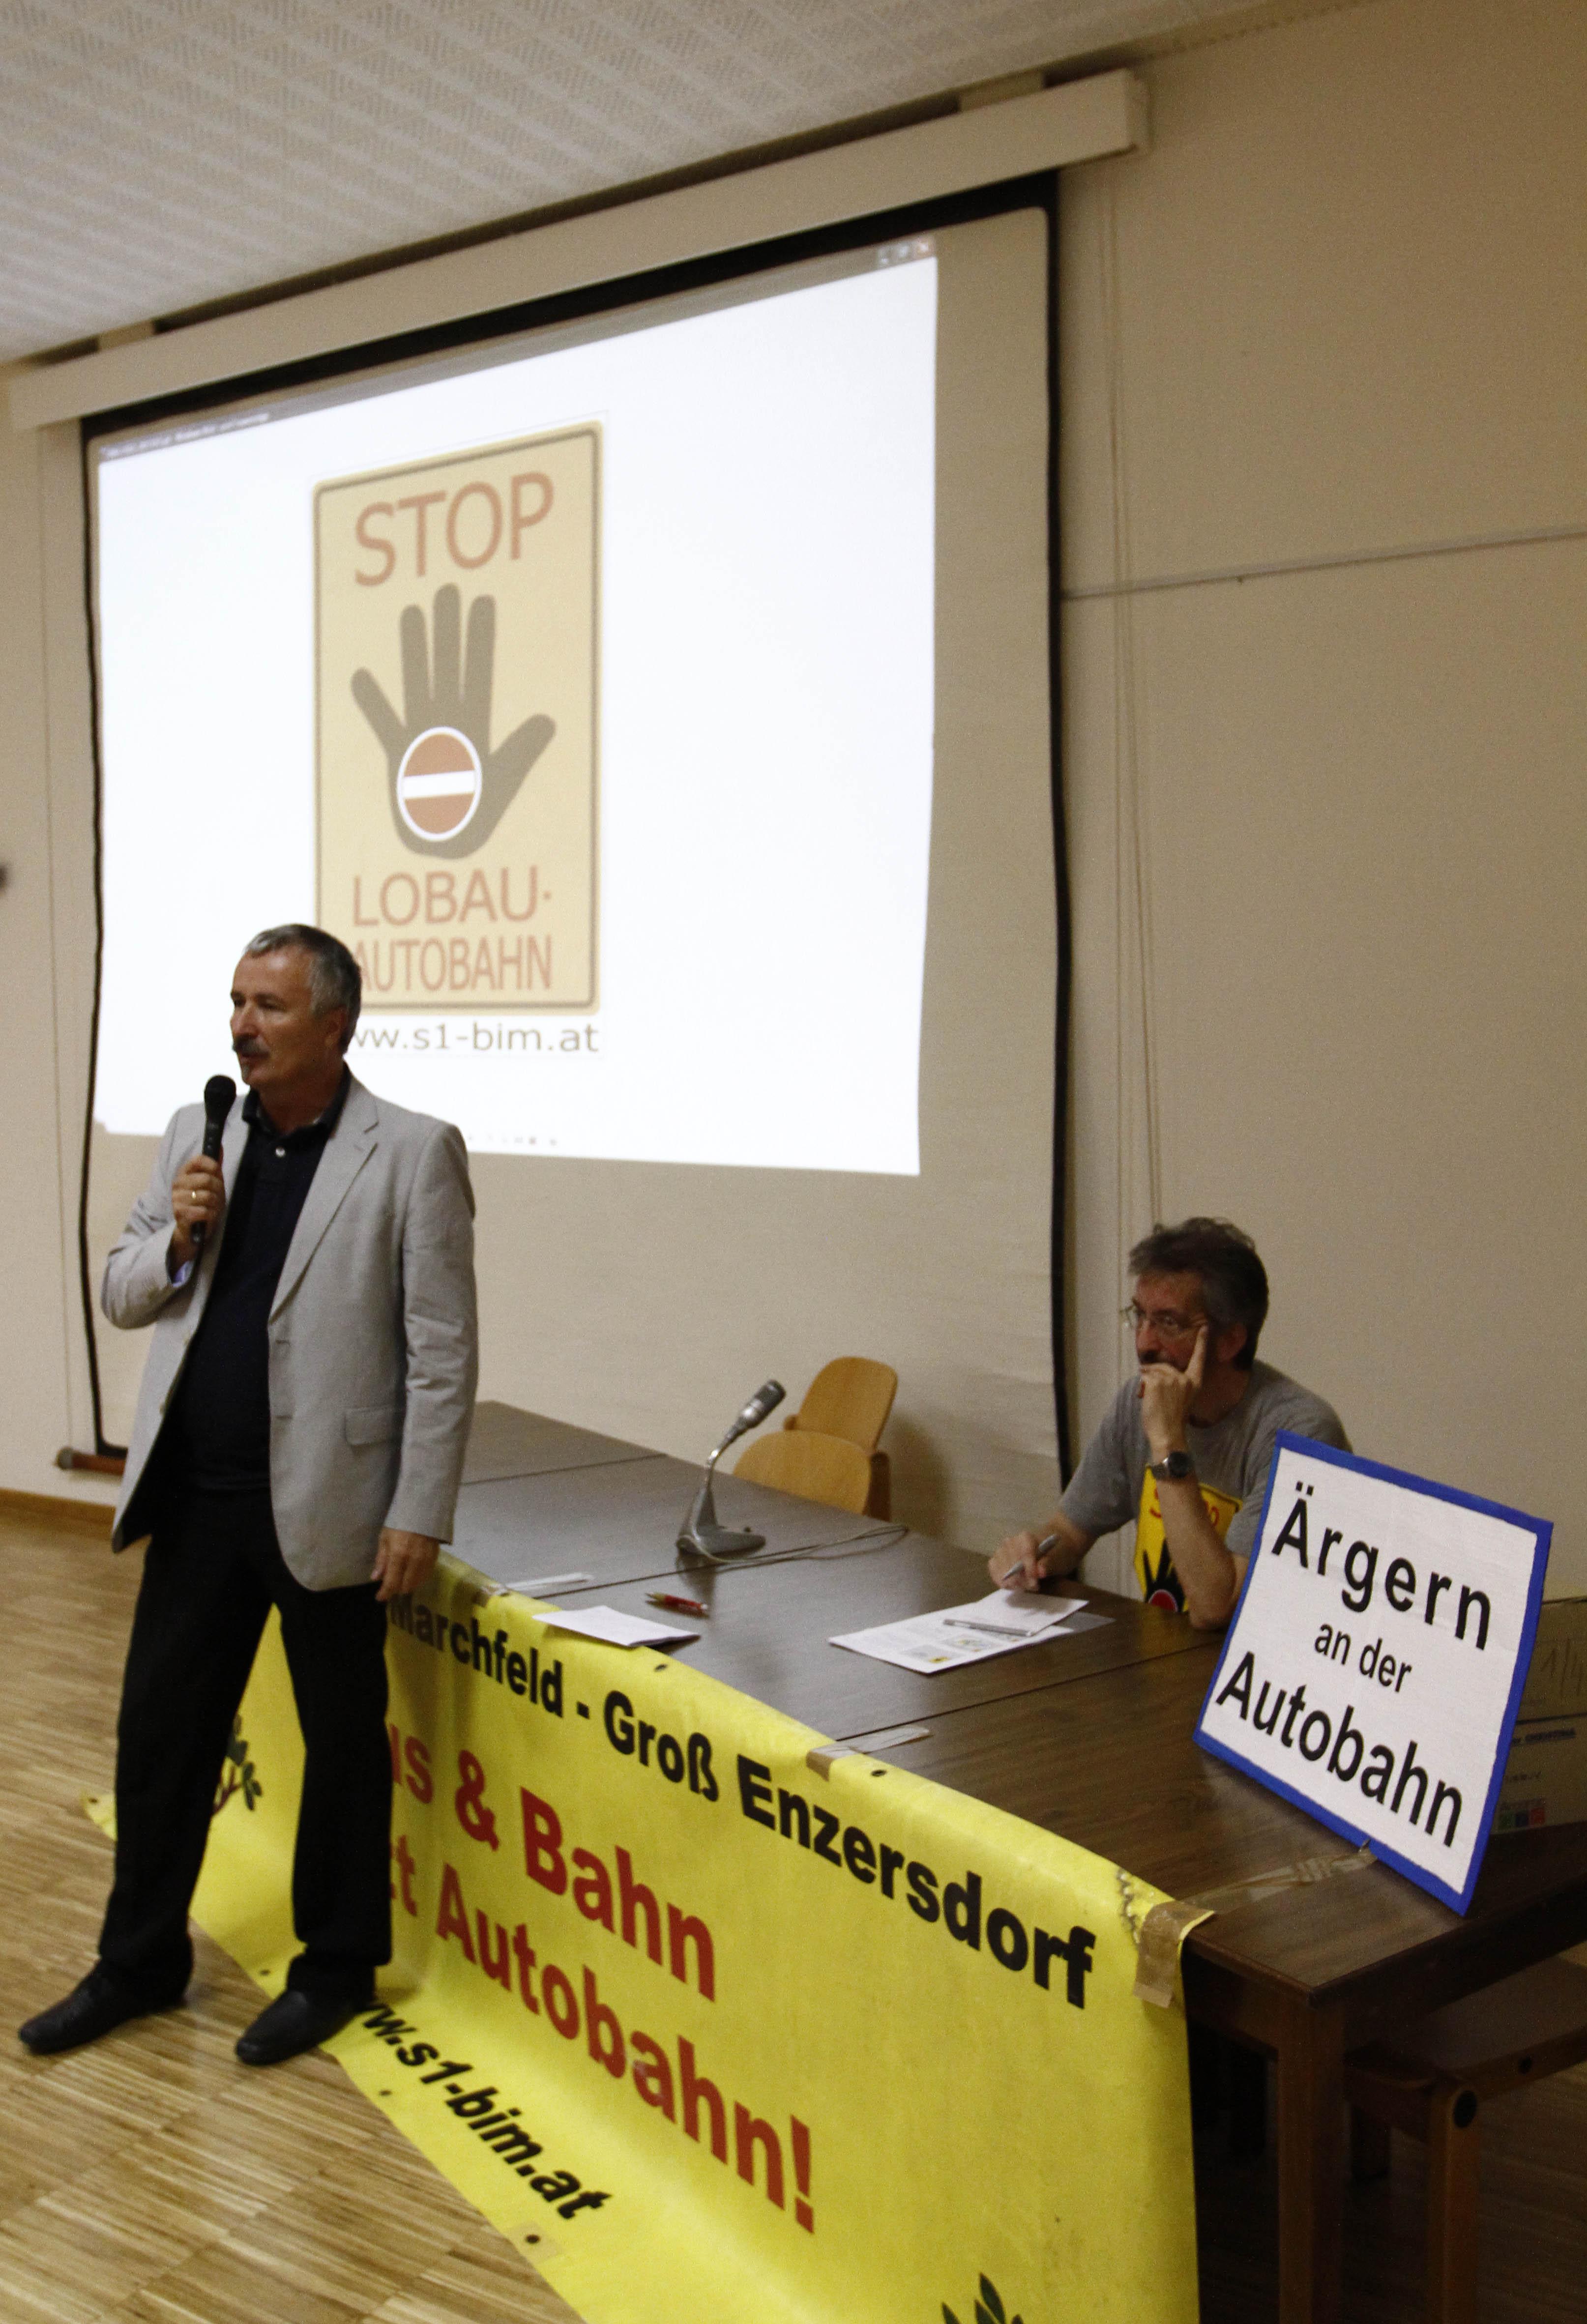 Pressemitteilungen for Christian hiebaum